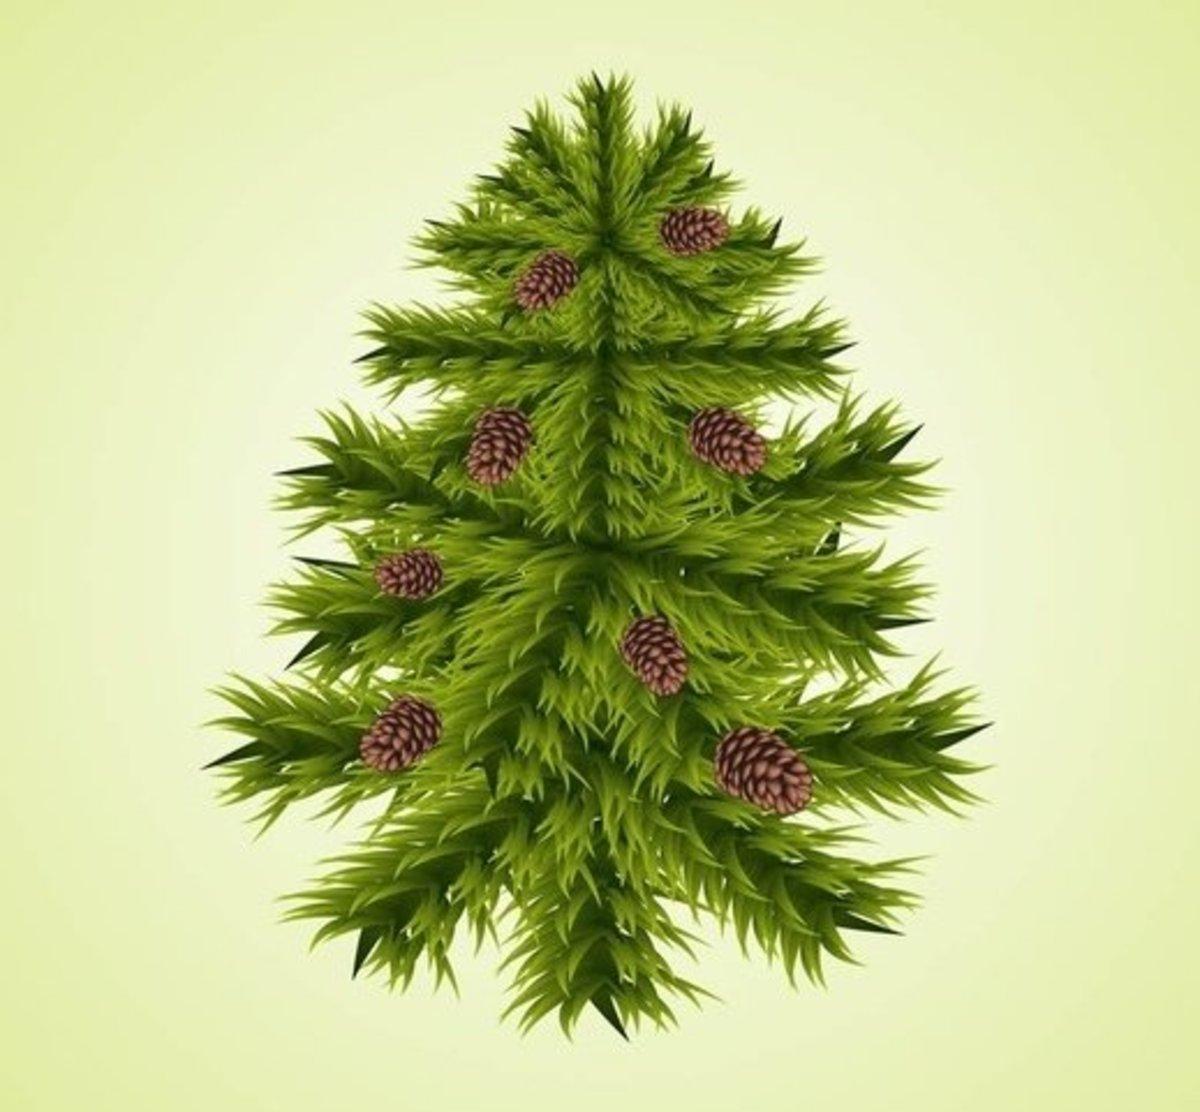 Cedar Tree with Pine Cones